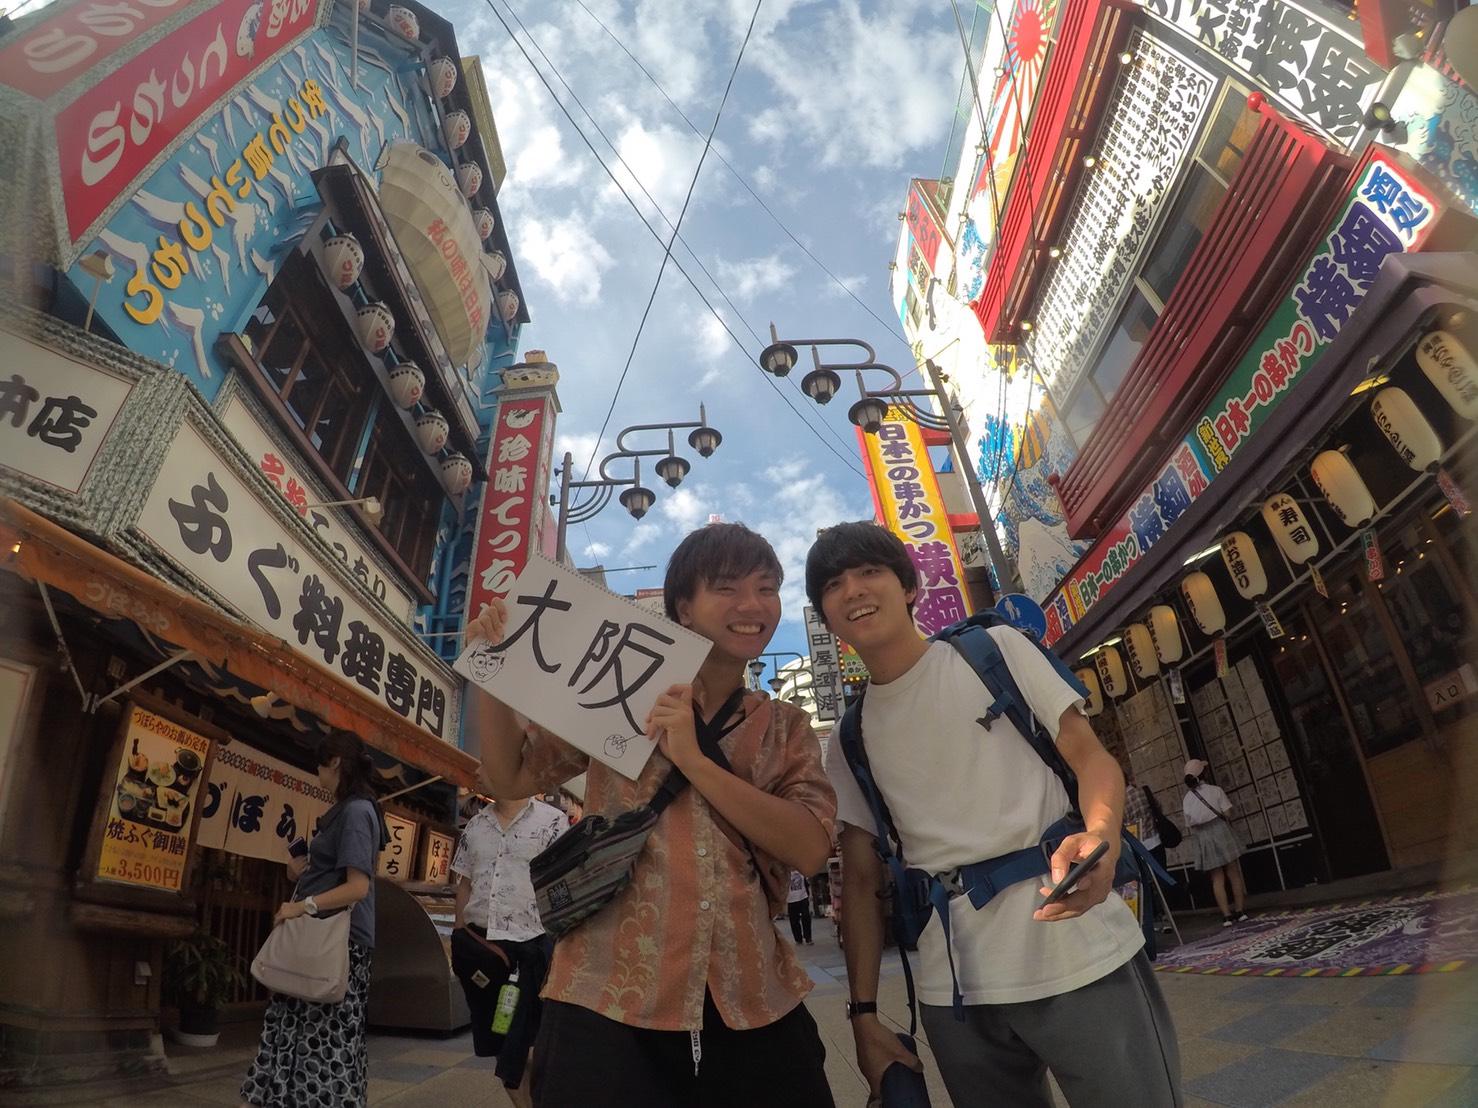 名古屋から大阪までヒッチハイクをして、大阪で観光した写真